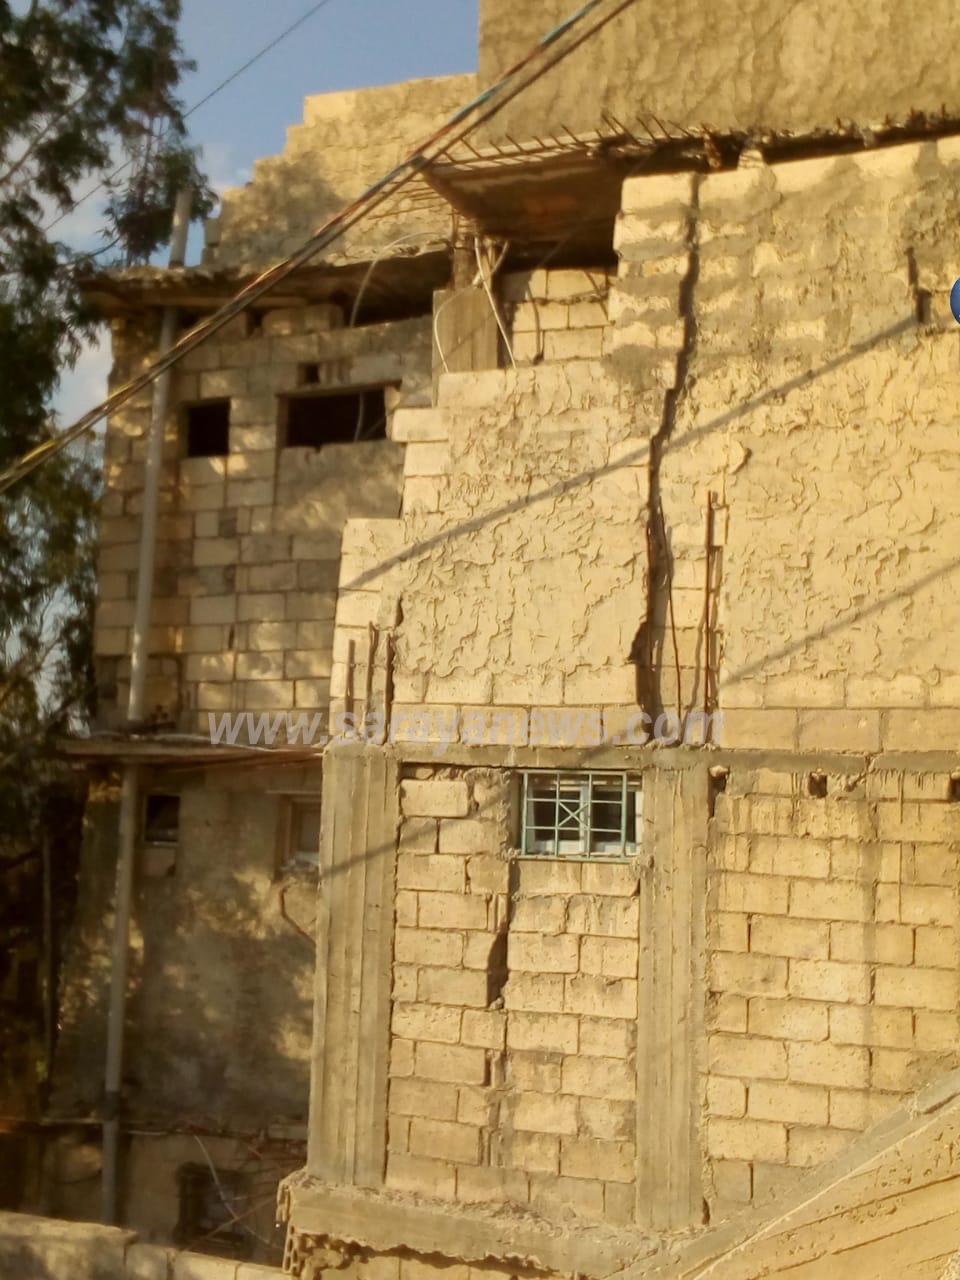 بالصور  ..  تحذير  ..  منزل مسكون في ماركا ايل للسقوط